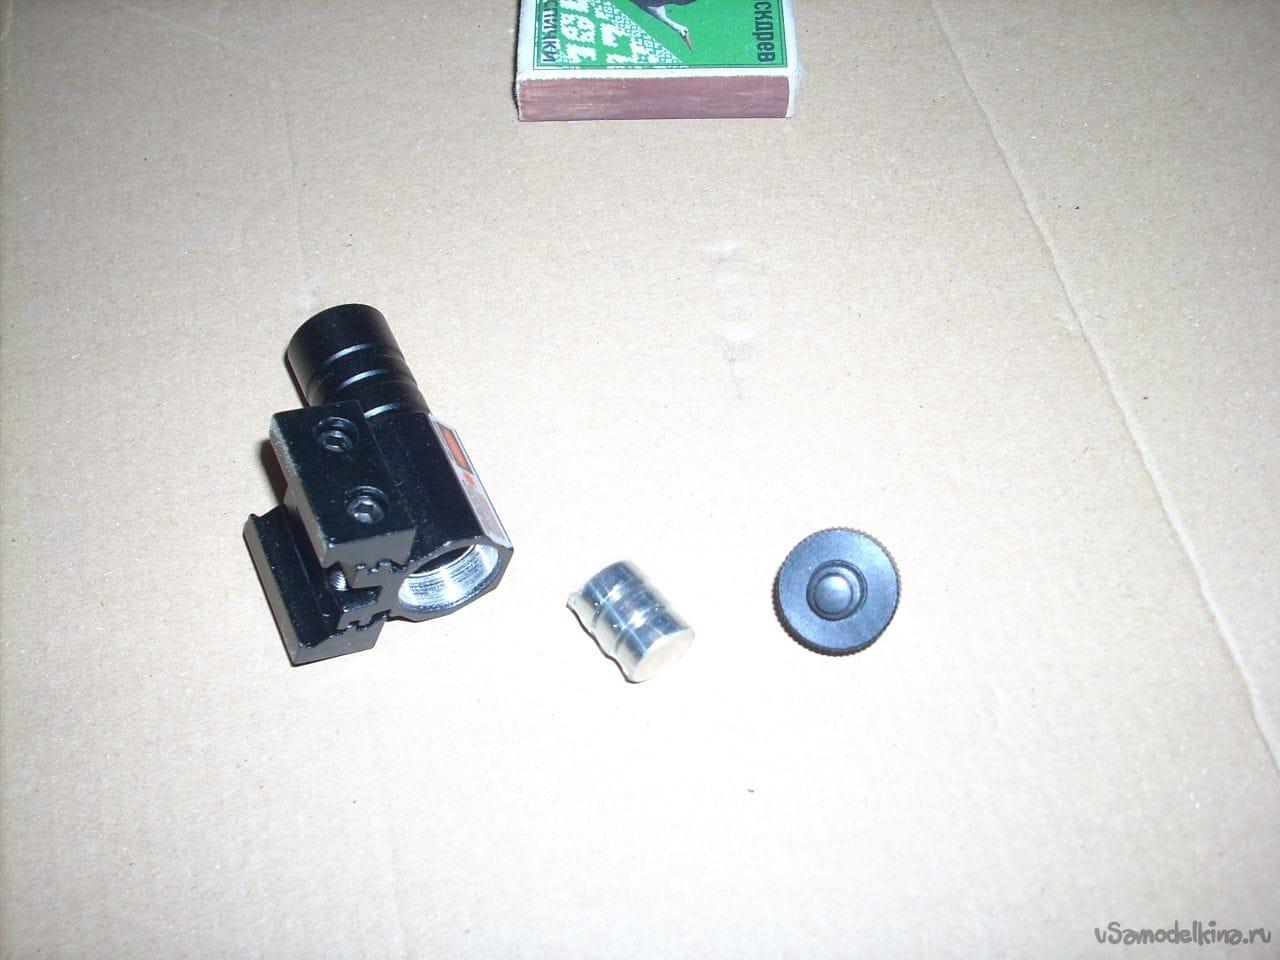 Лазерный прицел для пневматики своими руками фото 303